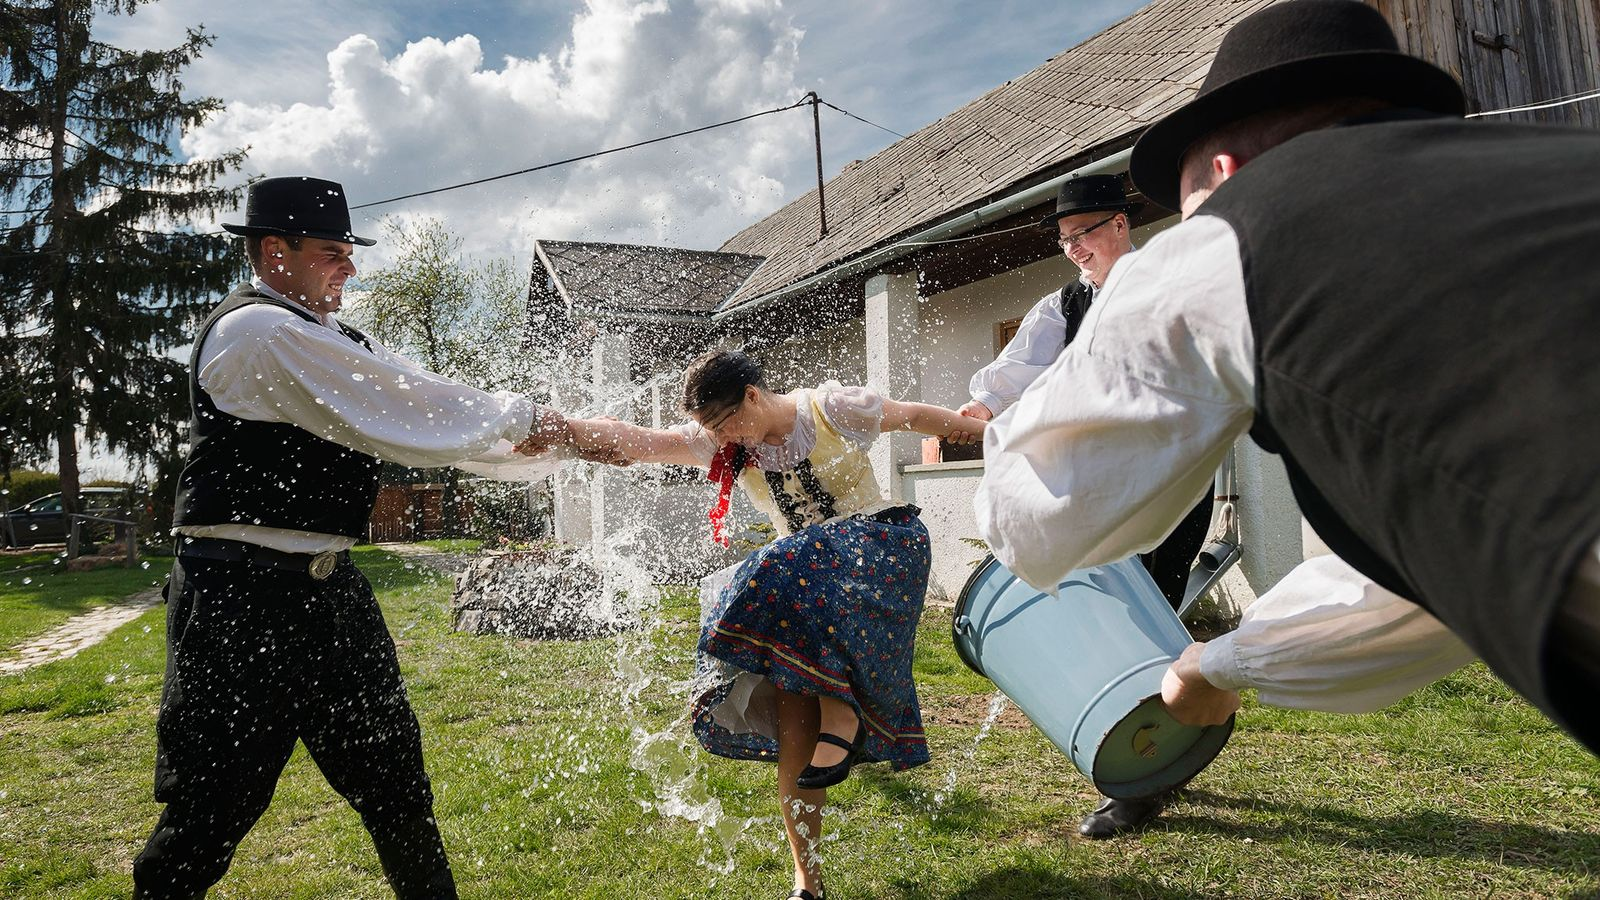 Frauen werden von Männern mit kaltem Wasser übergossen